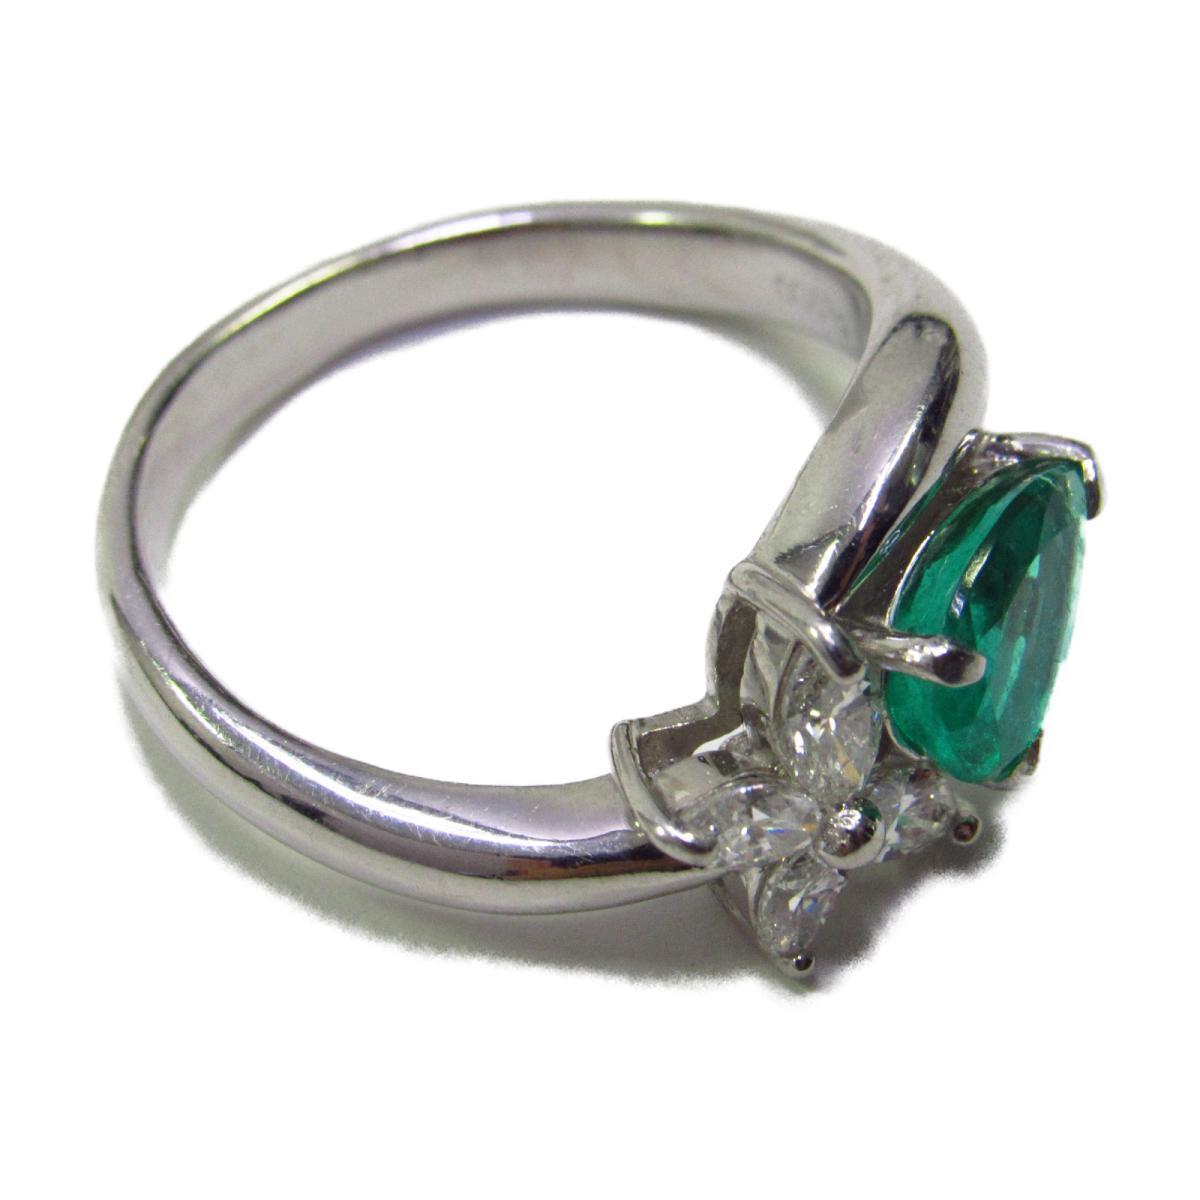 ジュエリー エメラルド リング 指輪 レディース PT900 プラチナxエメラルド1 13ctxダイヤモンド0 46ctシルバーxグリーンJEWELRY BRANDOFF ブランドオフ アクセサリーQsthdr